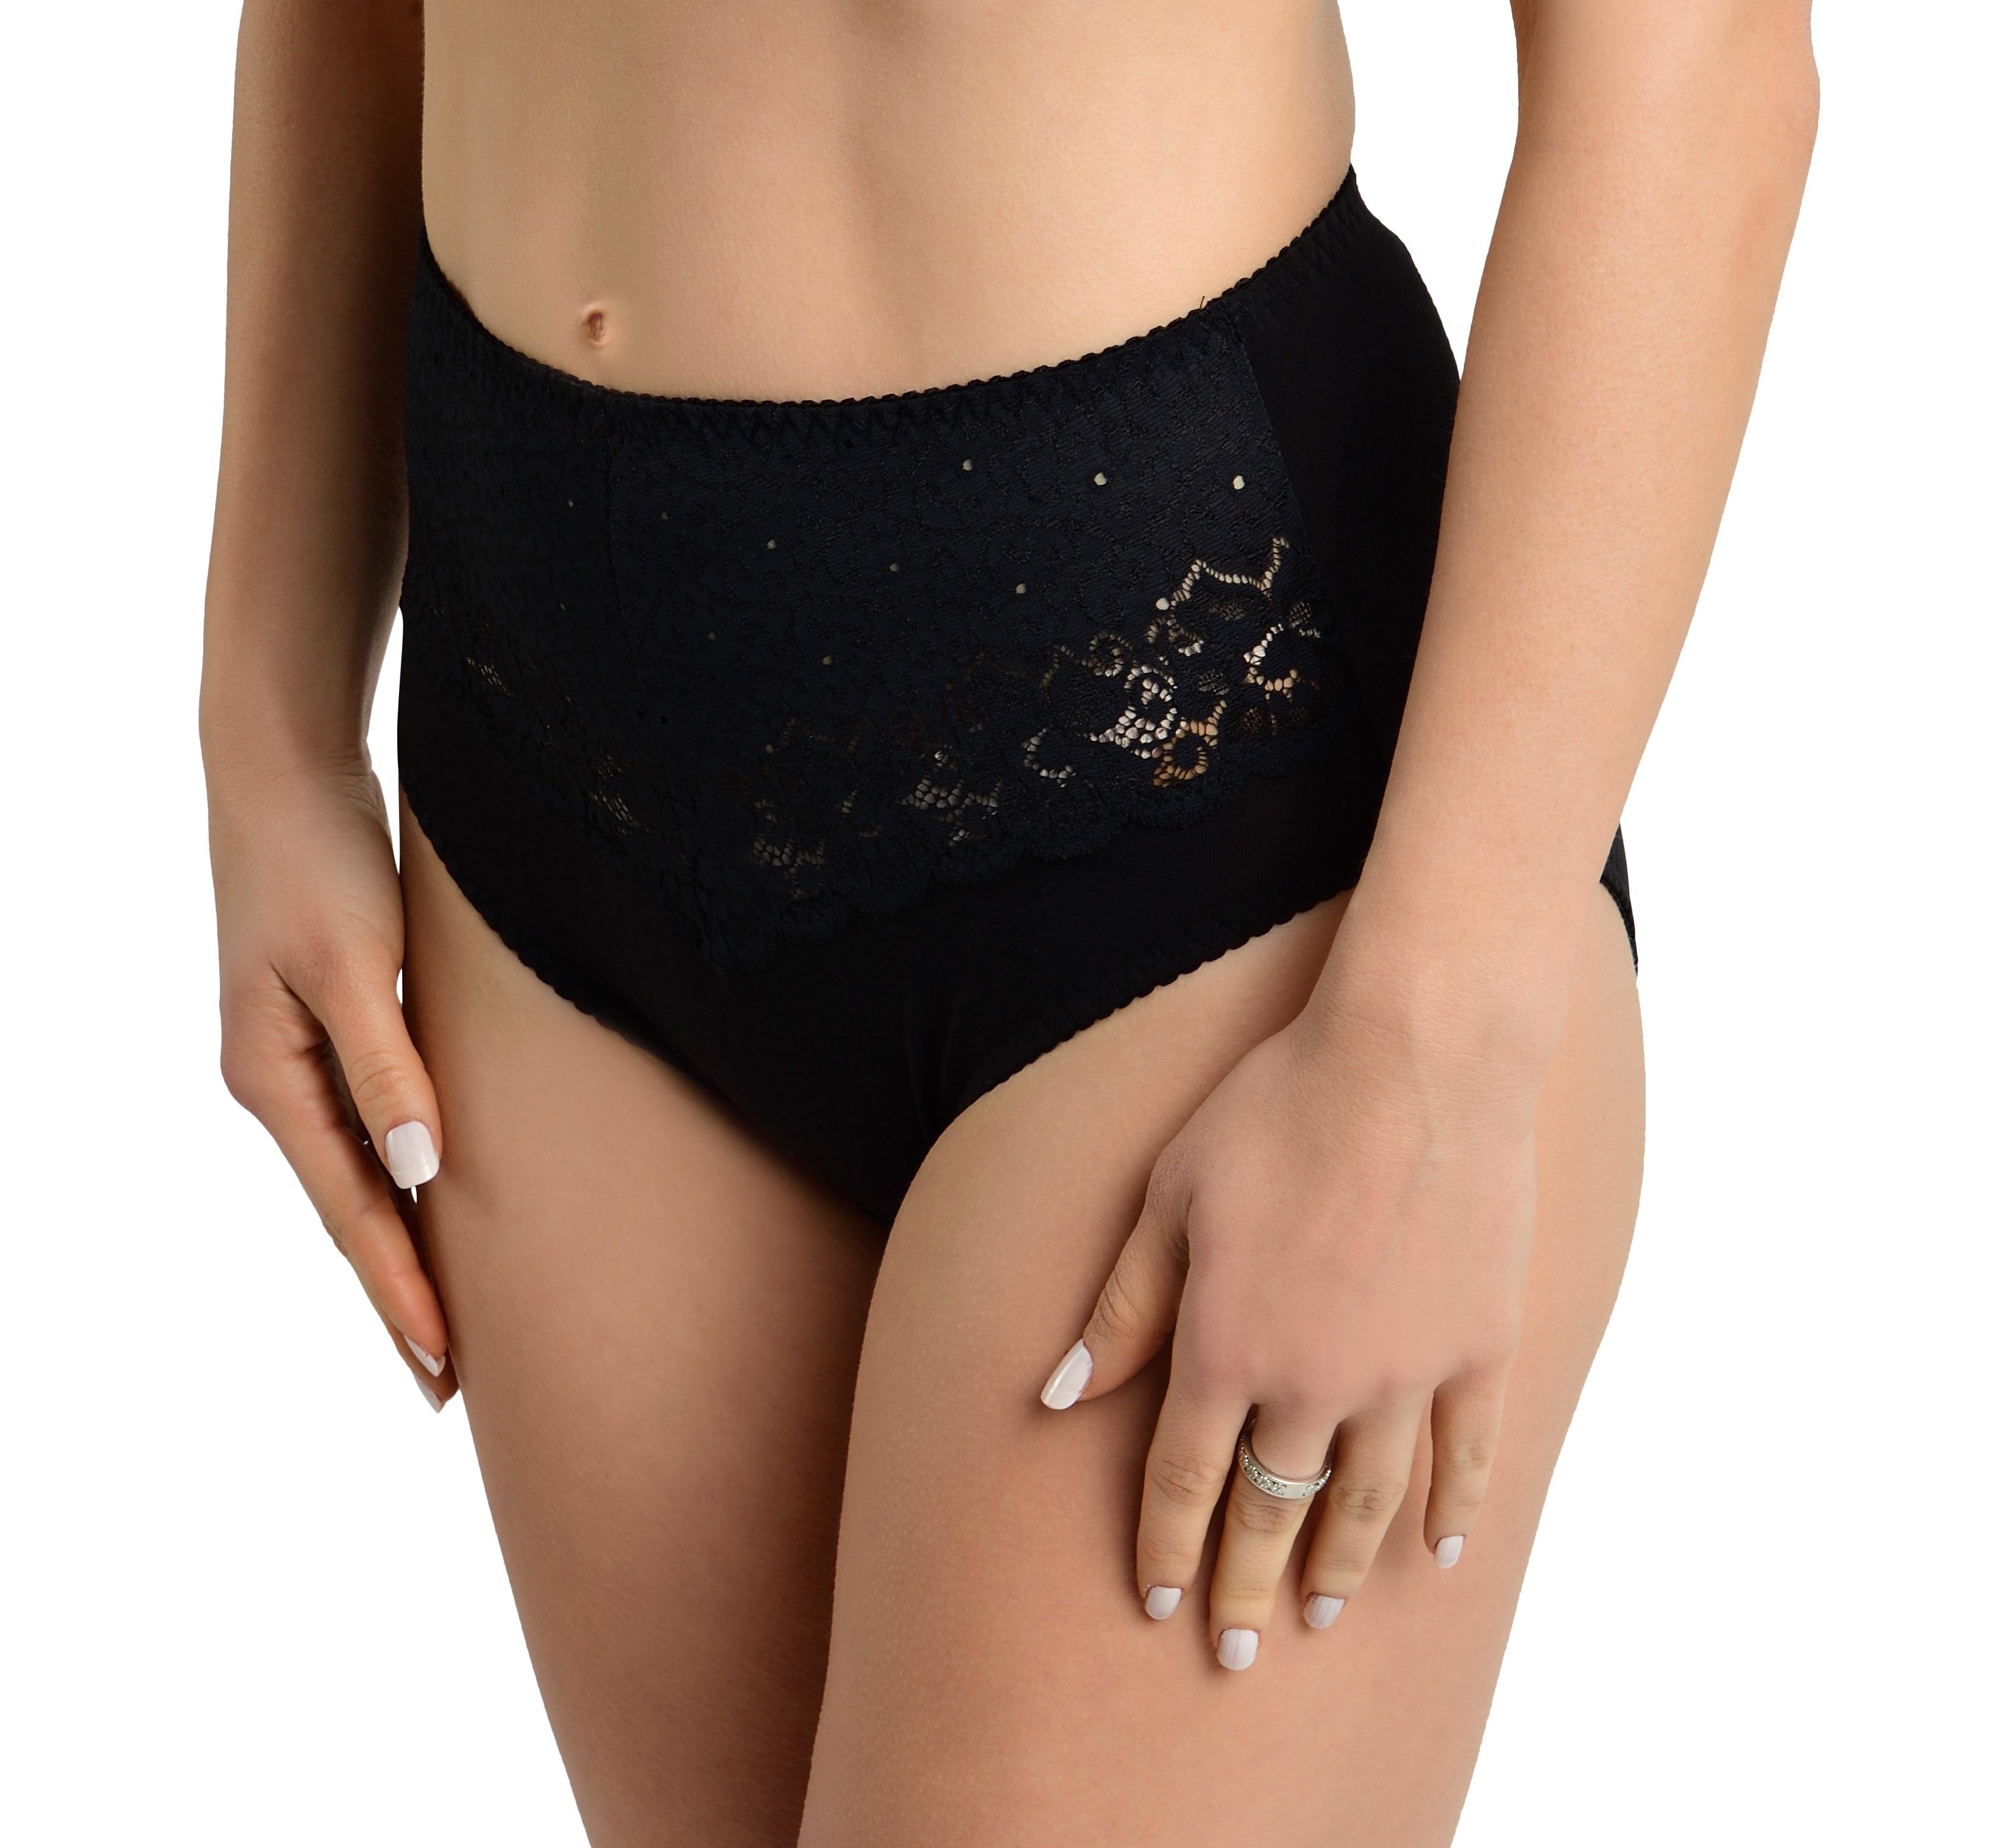 Verally Taillenslip mit breiter weicher Spitze | Unterwäsche Damen | Gr. 38-50 |